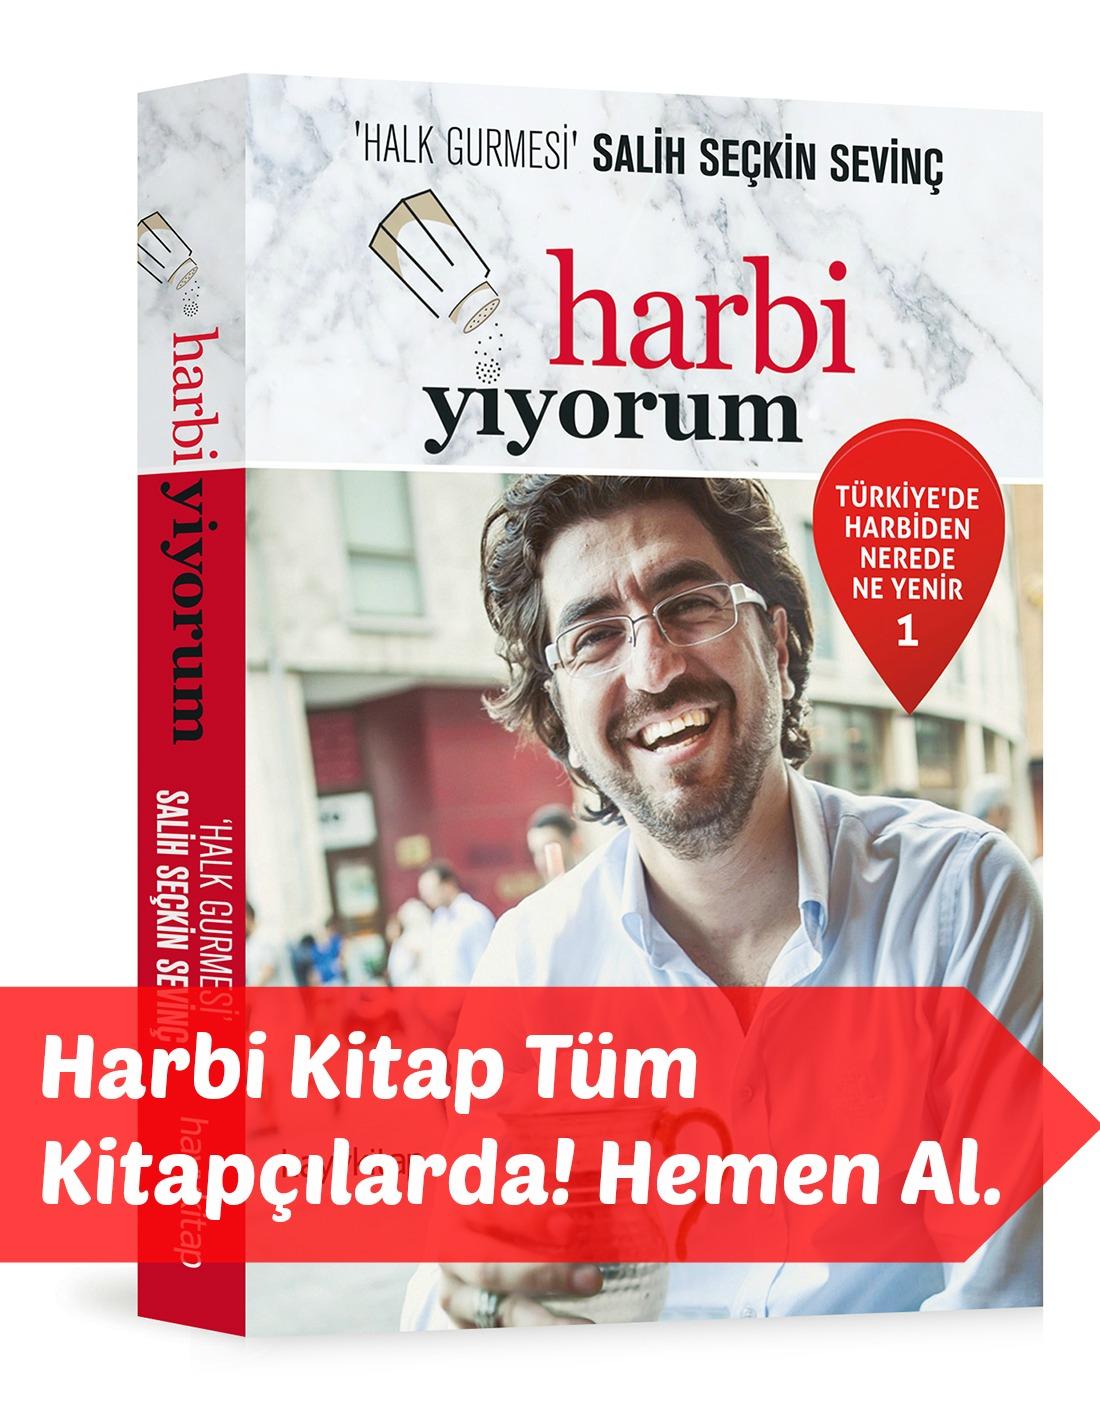 Harbi Yiyorum Kitap - Türkiye'de Harbien Nerede Ne Yenir? - Tüm Kitapçılarda